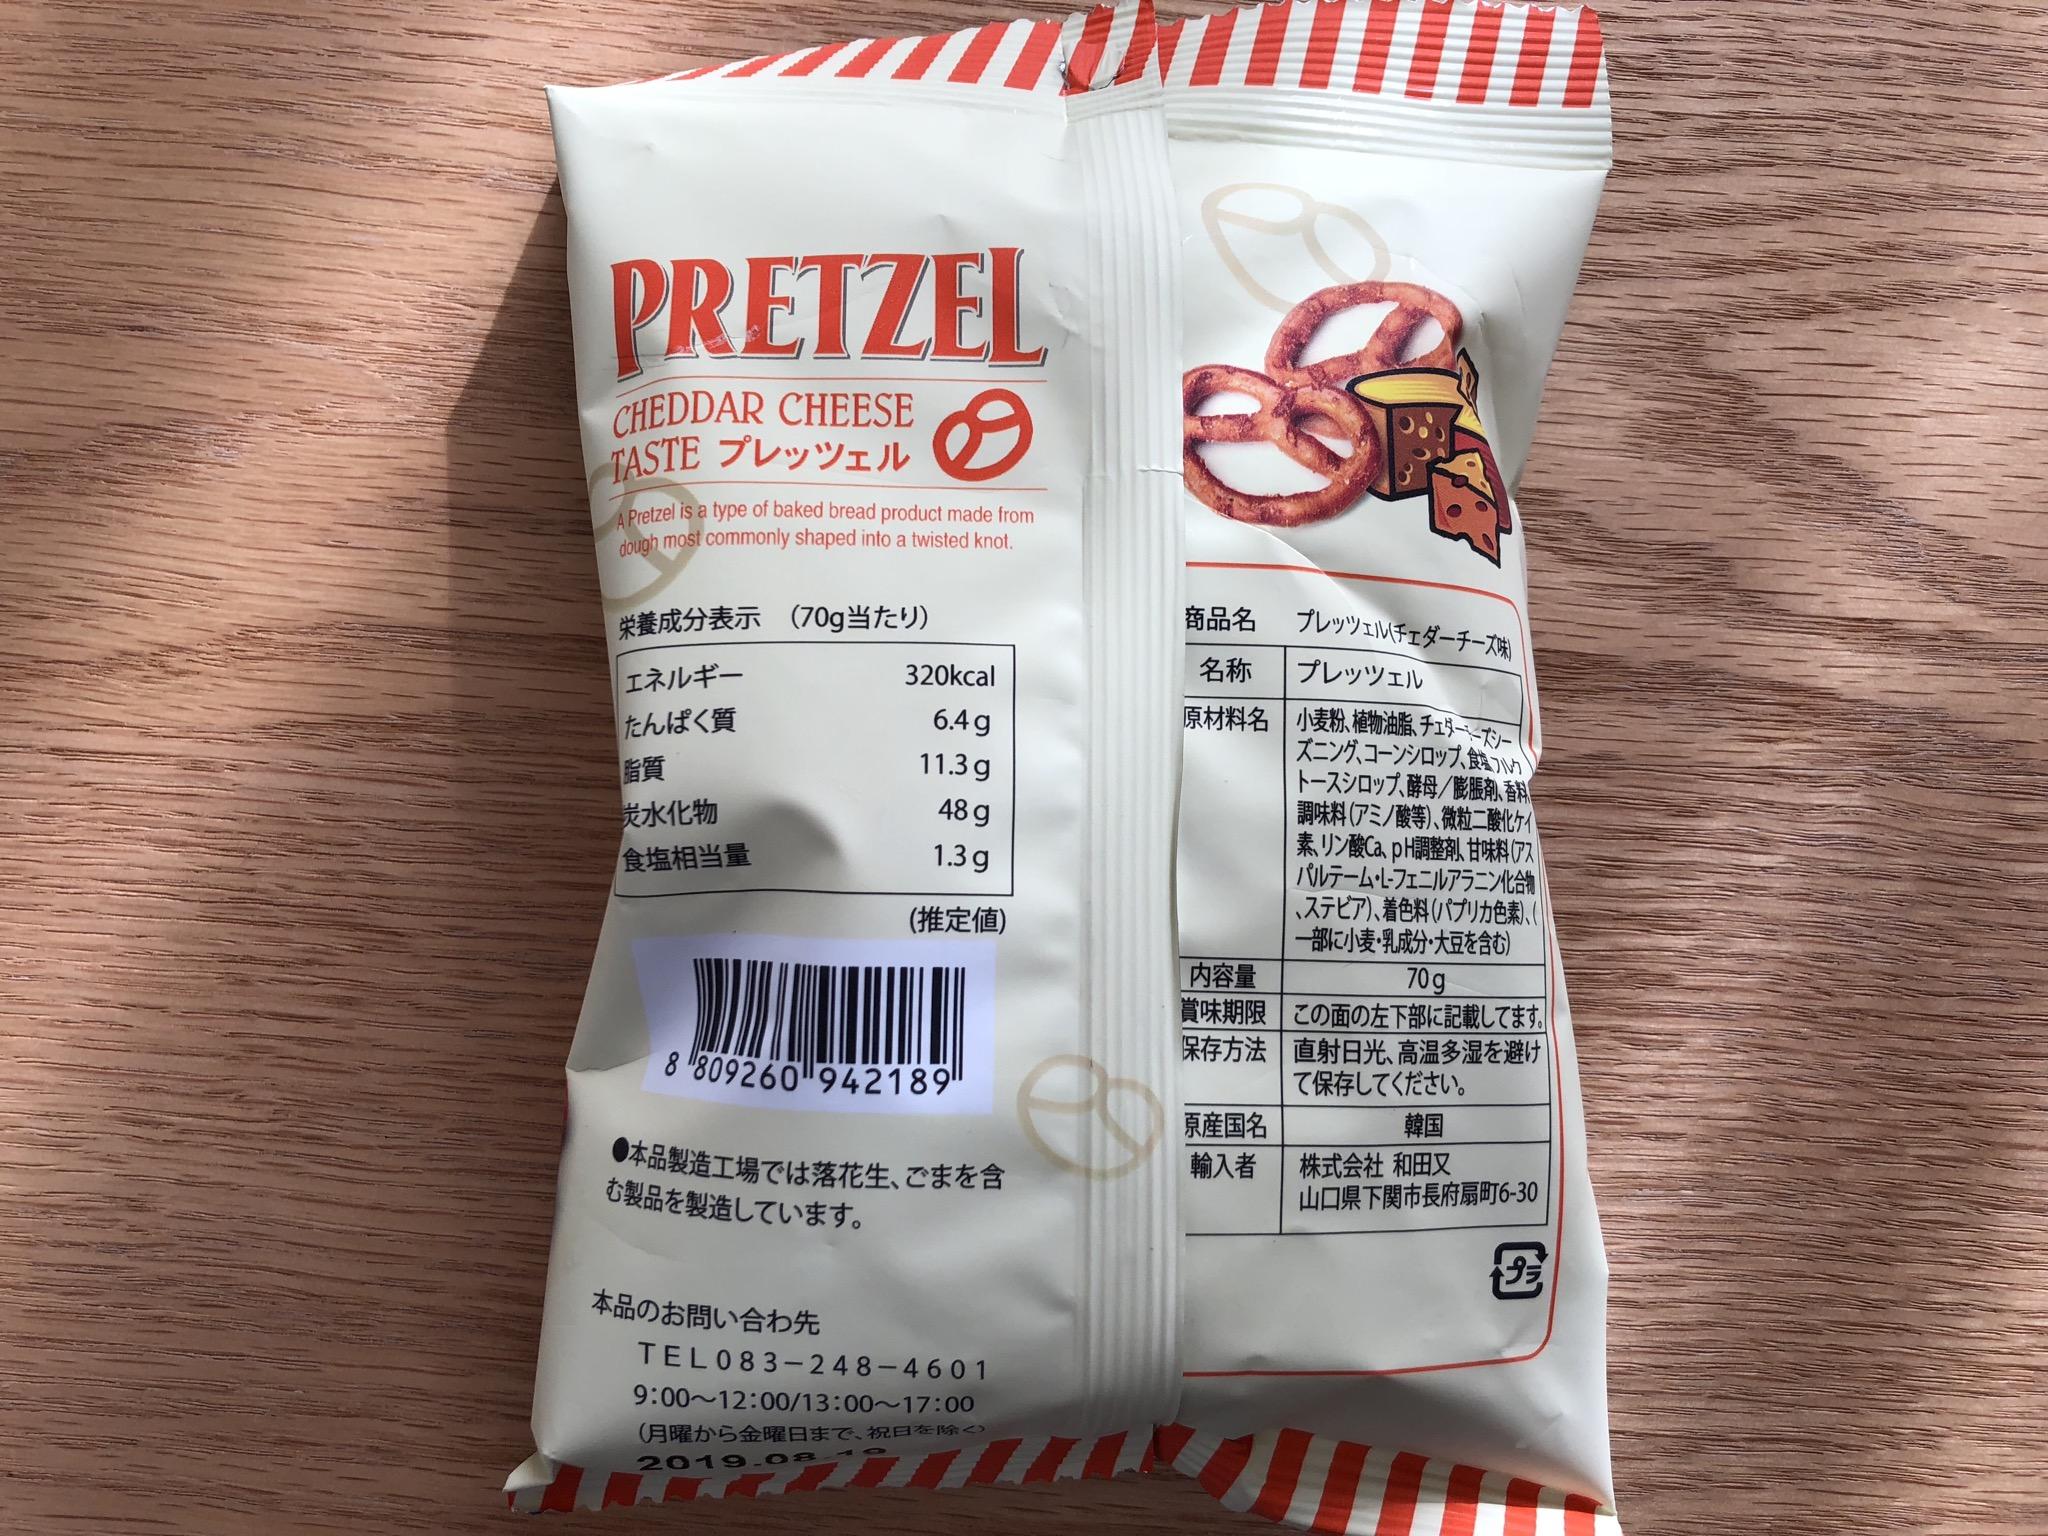 プレッツェル(チェダーチーズ味) ダイソー